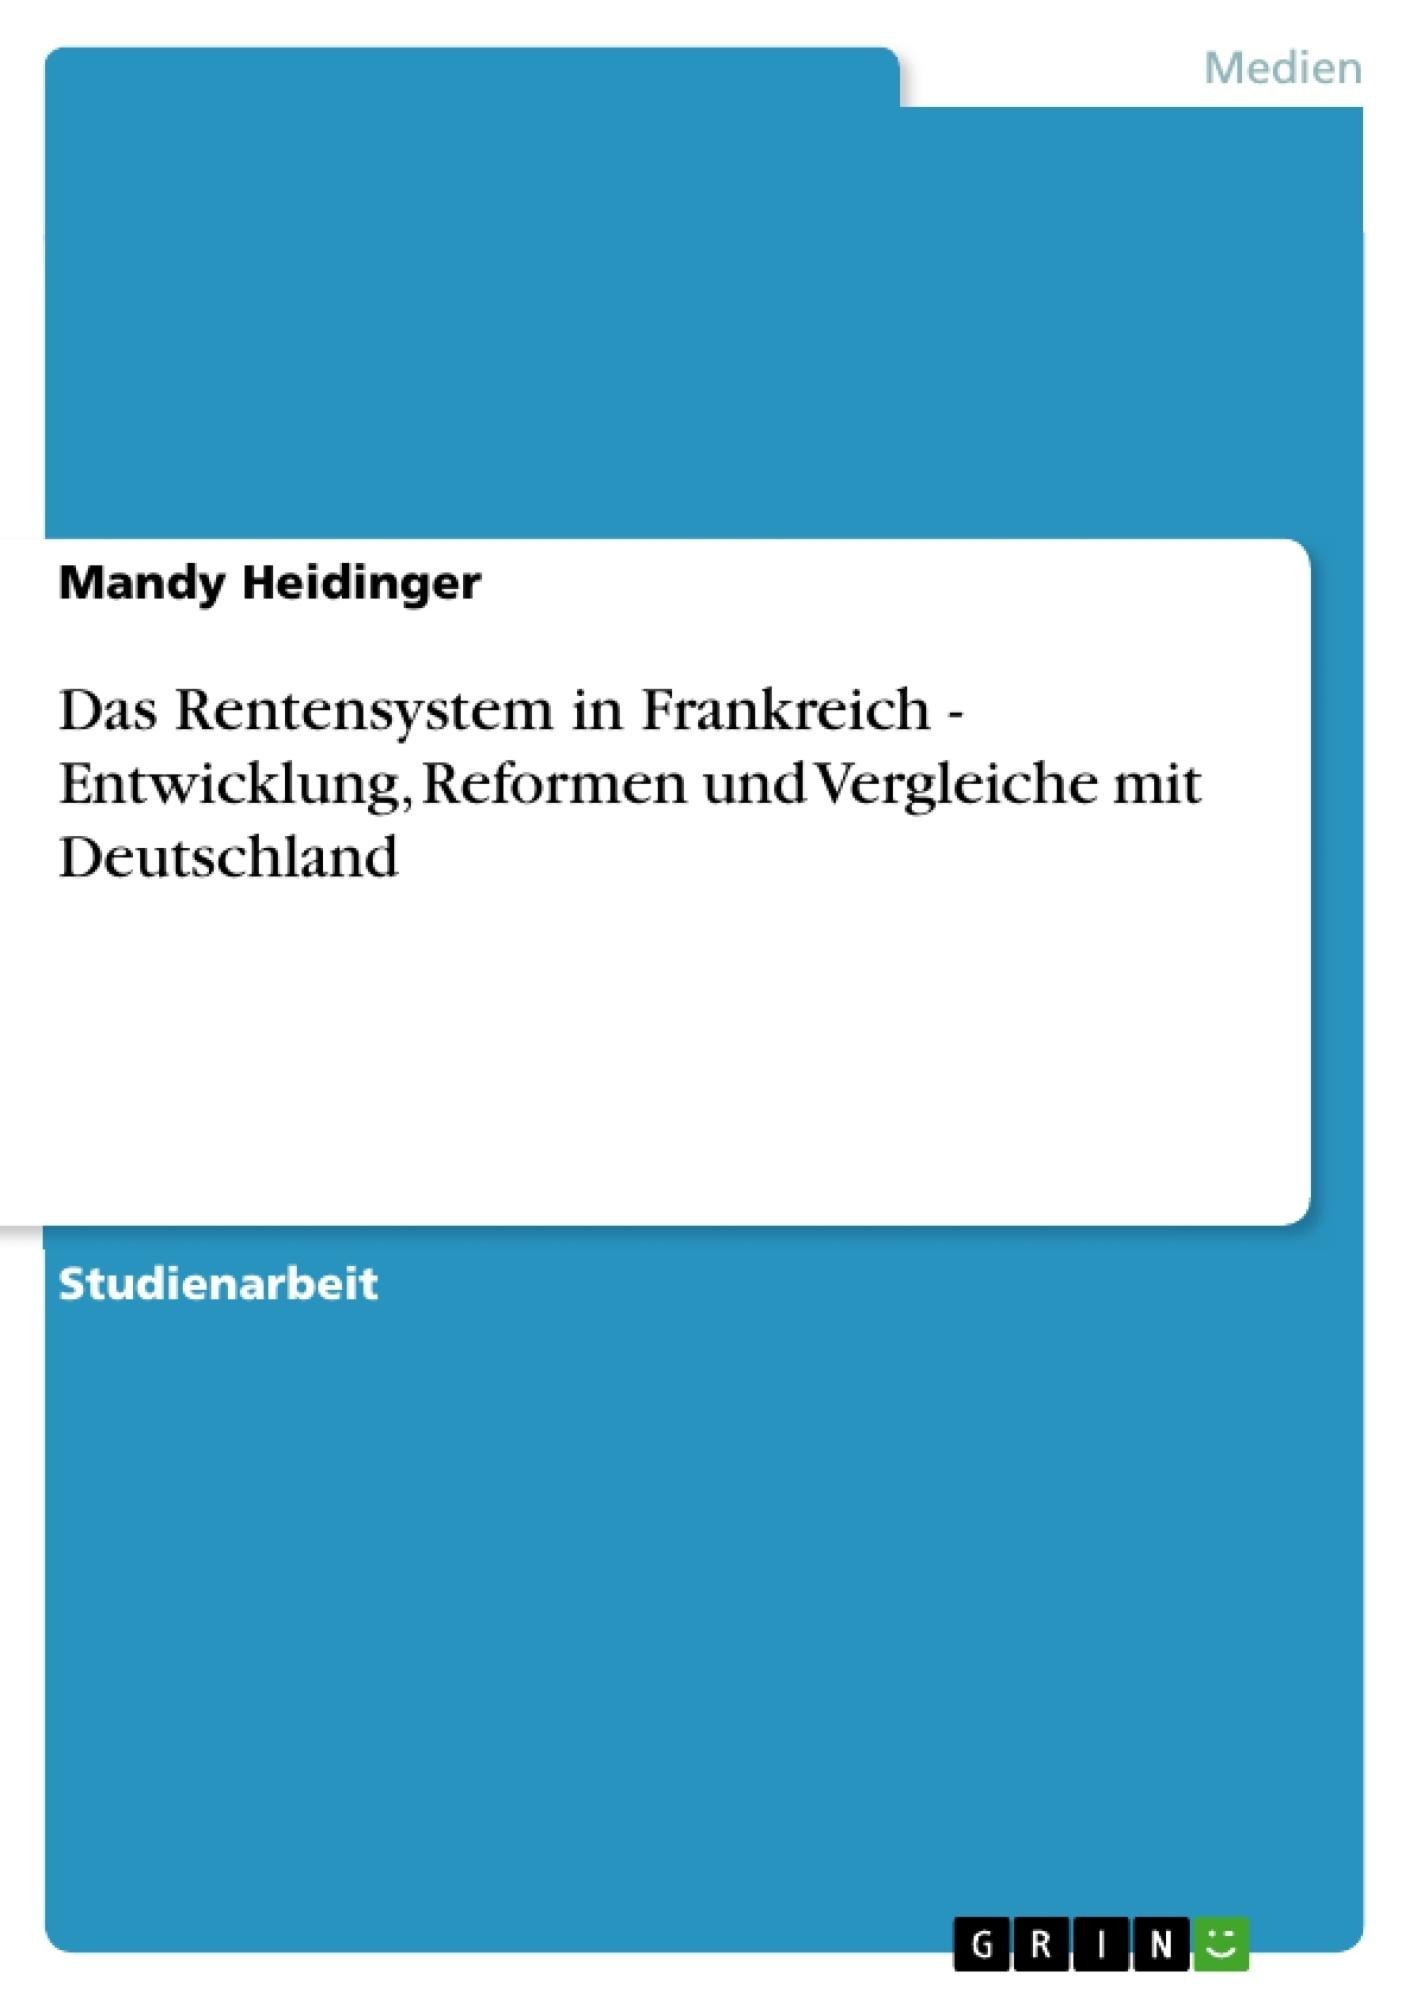 Titel: Das Rentensystem in Frankreich - Entwicklung, Reformen und Vergleiche mit Deutschland